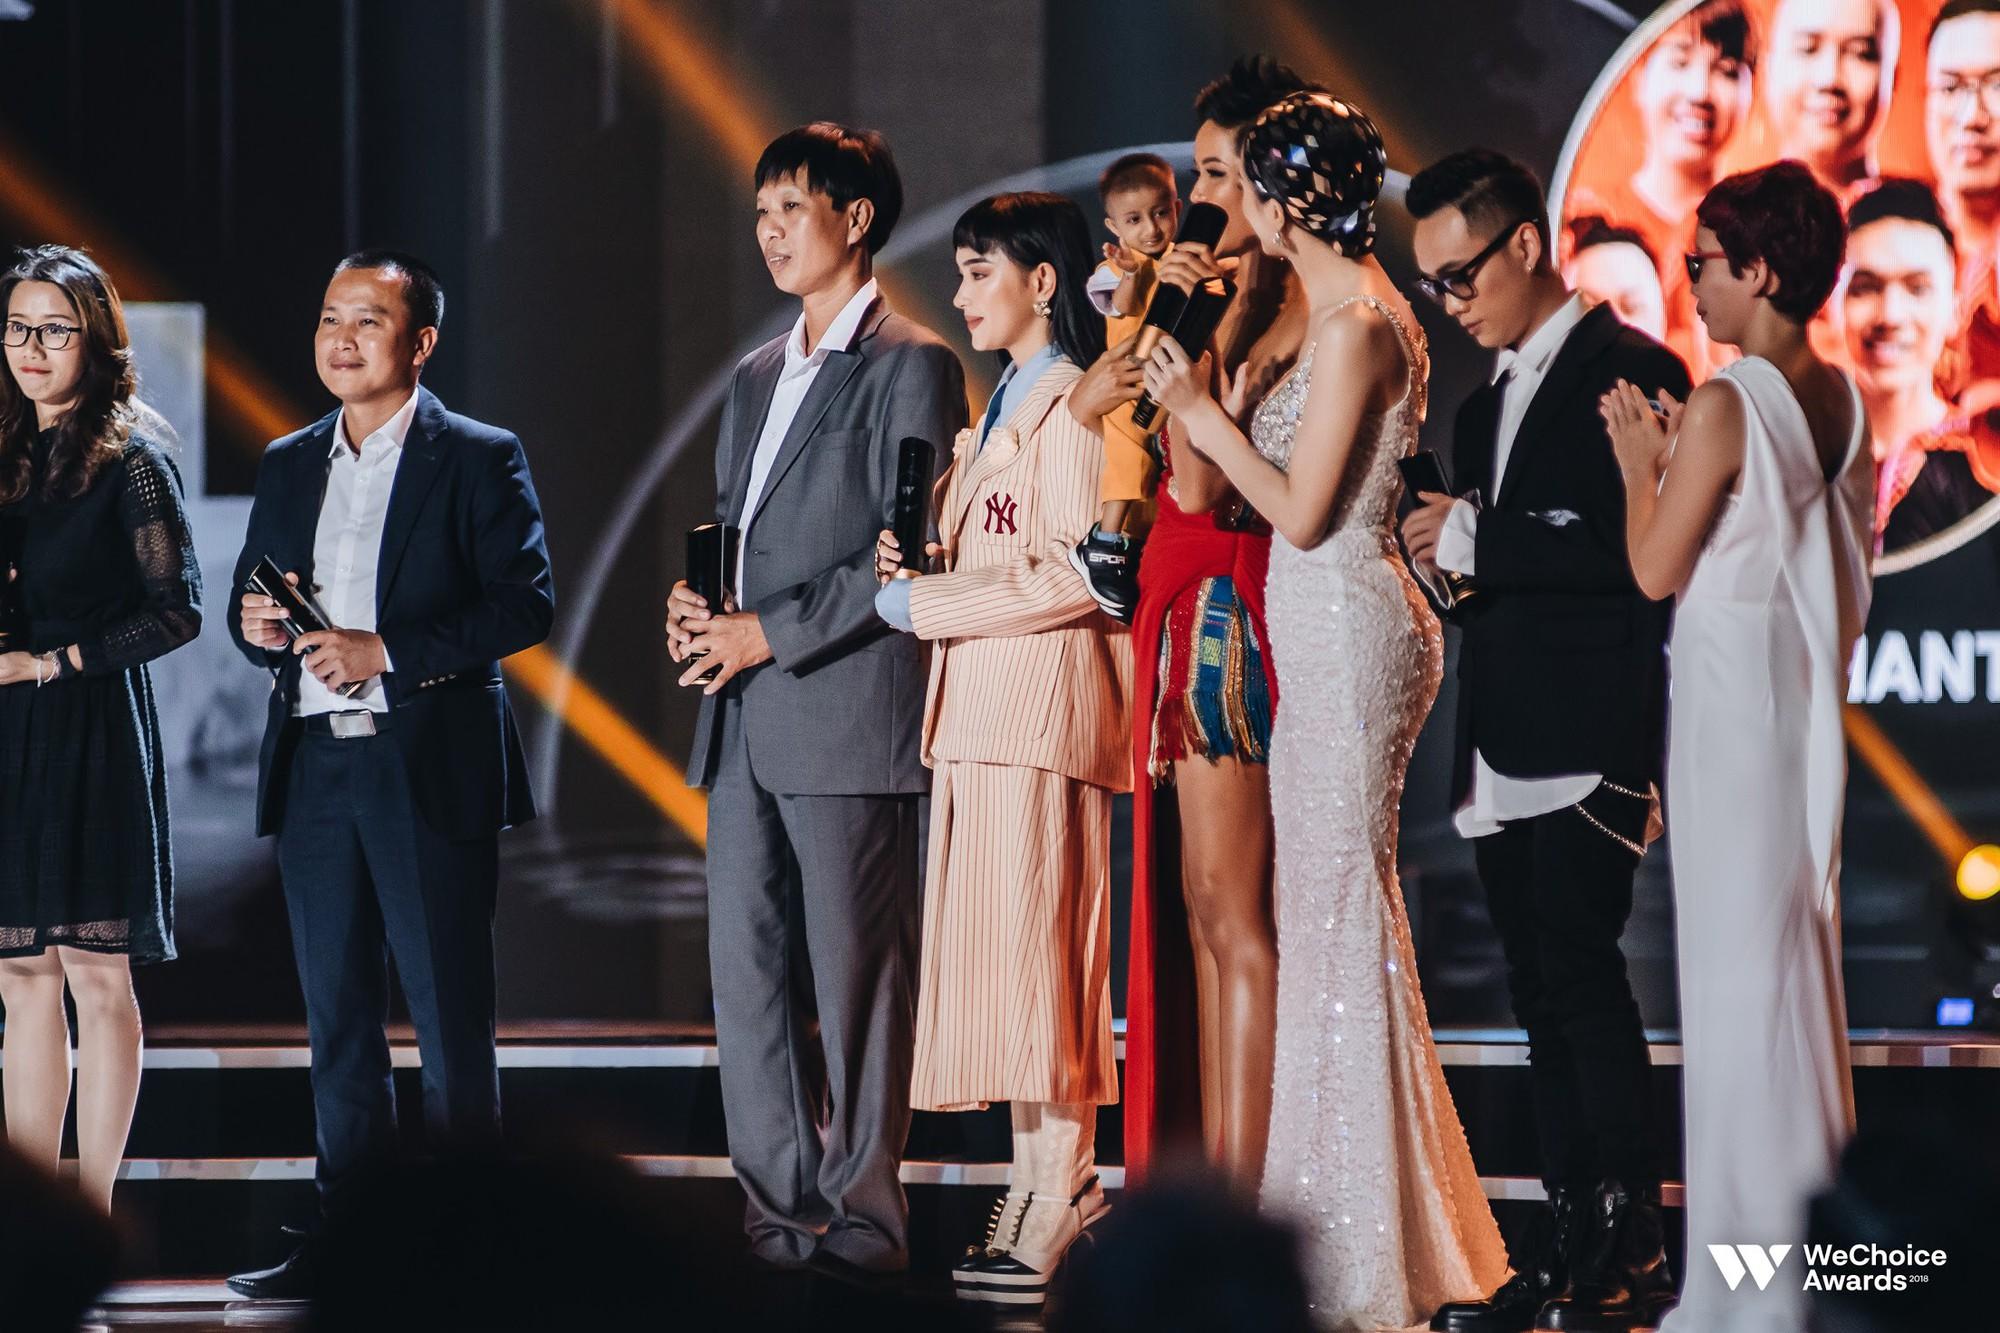 Gala WeChoice Awards 2018: Một đêm văn minh của niềm cảm hứng đẹp đẽ và những khán giả dõi theo đến tận phút cuối cùng - Ảnh 6.